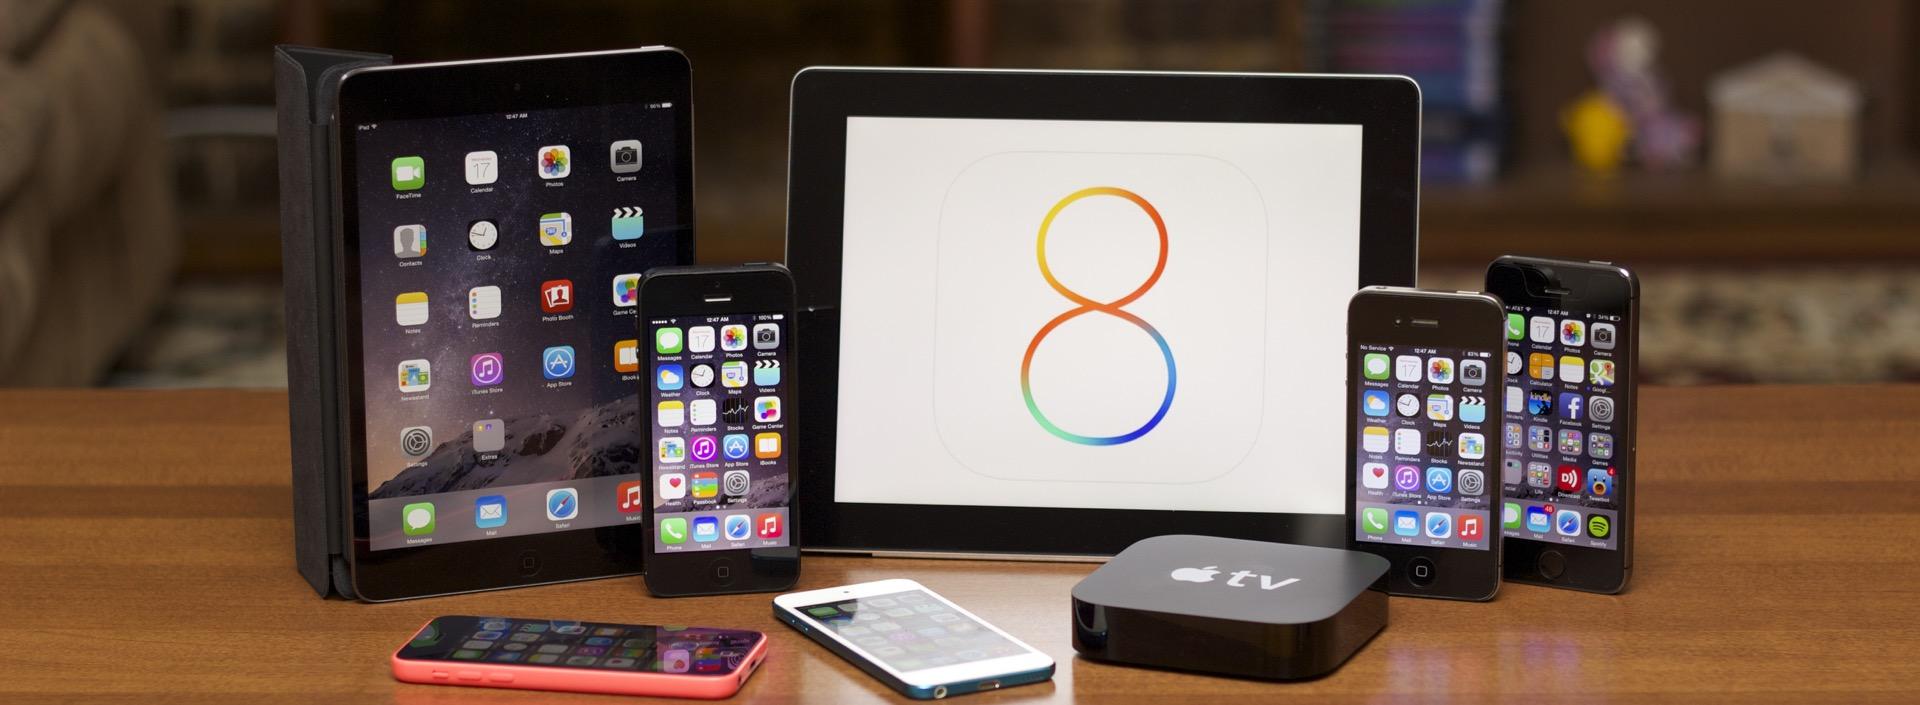 ios8.1 на разных устройствах